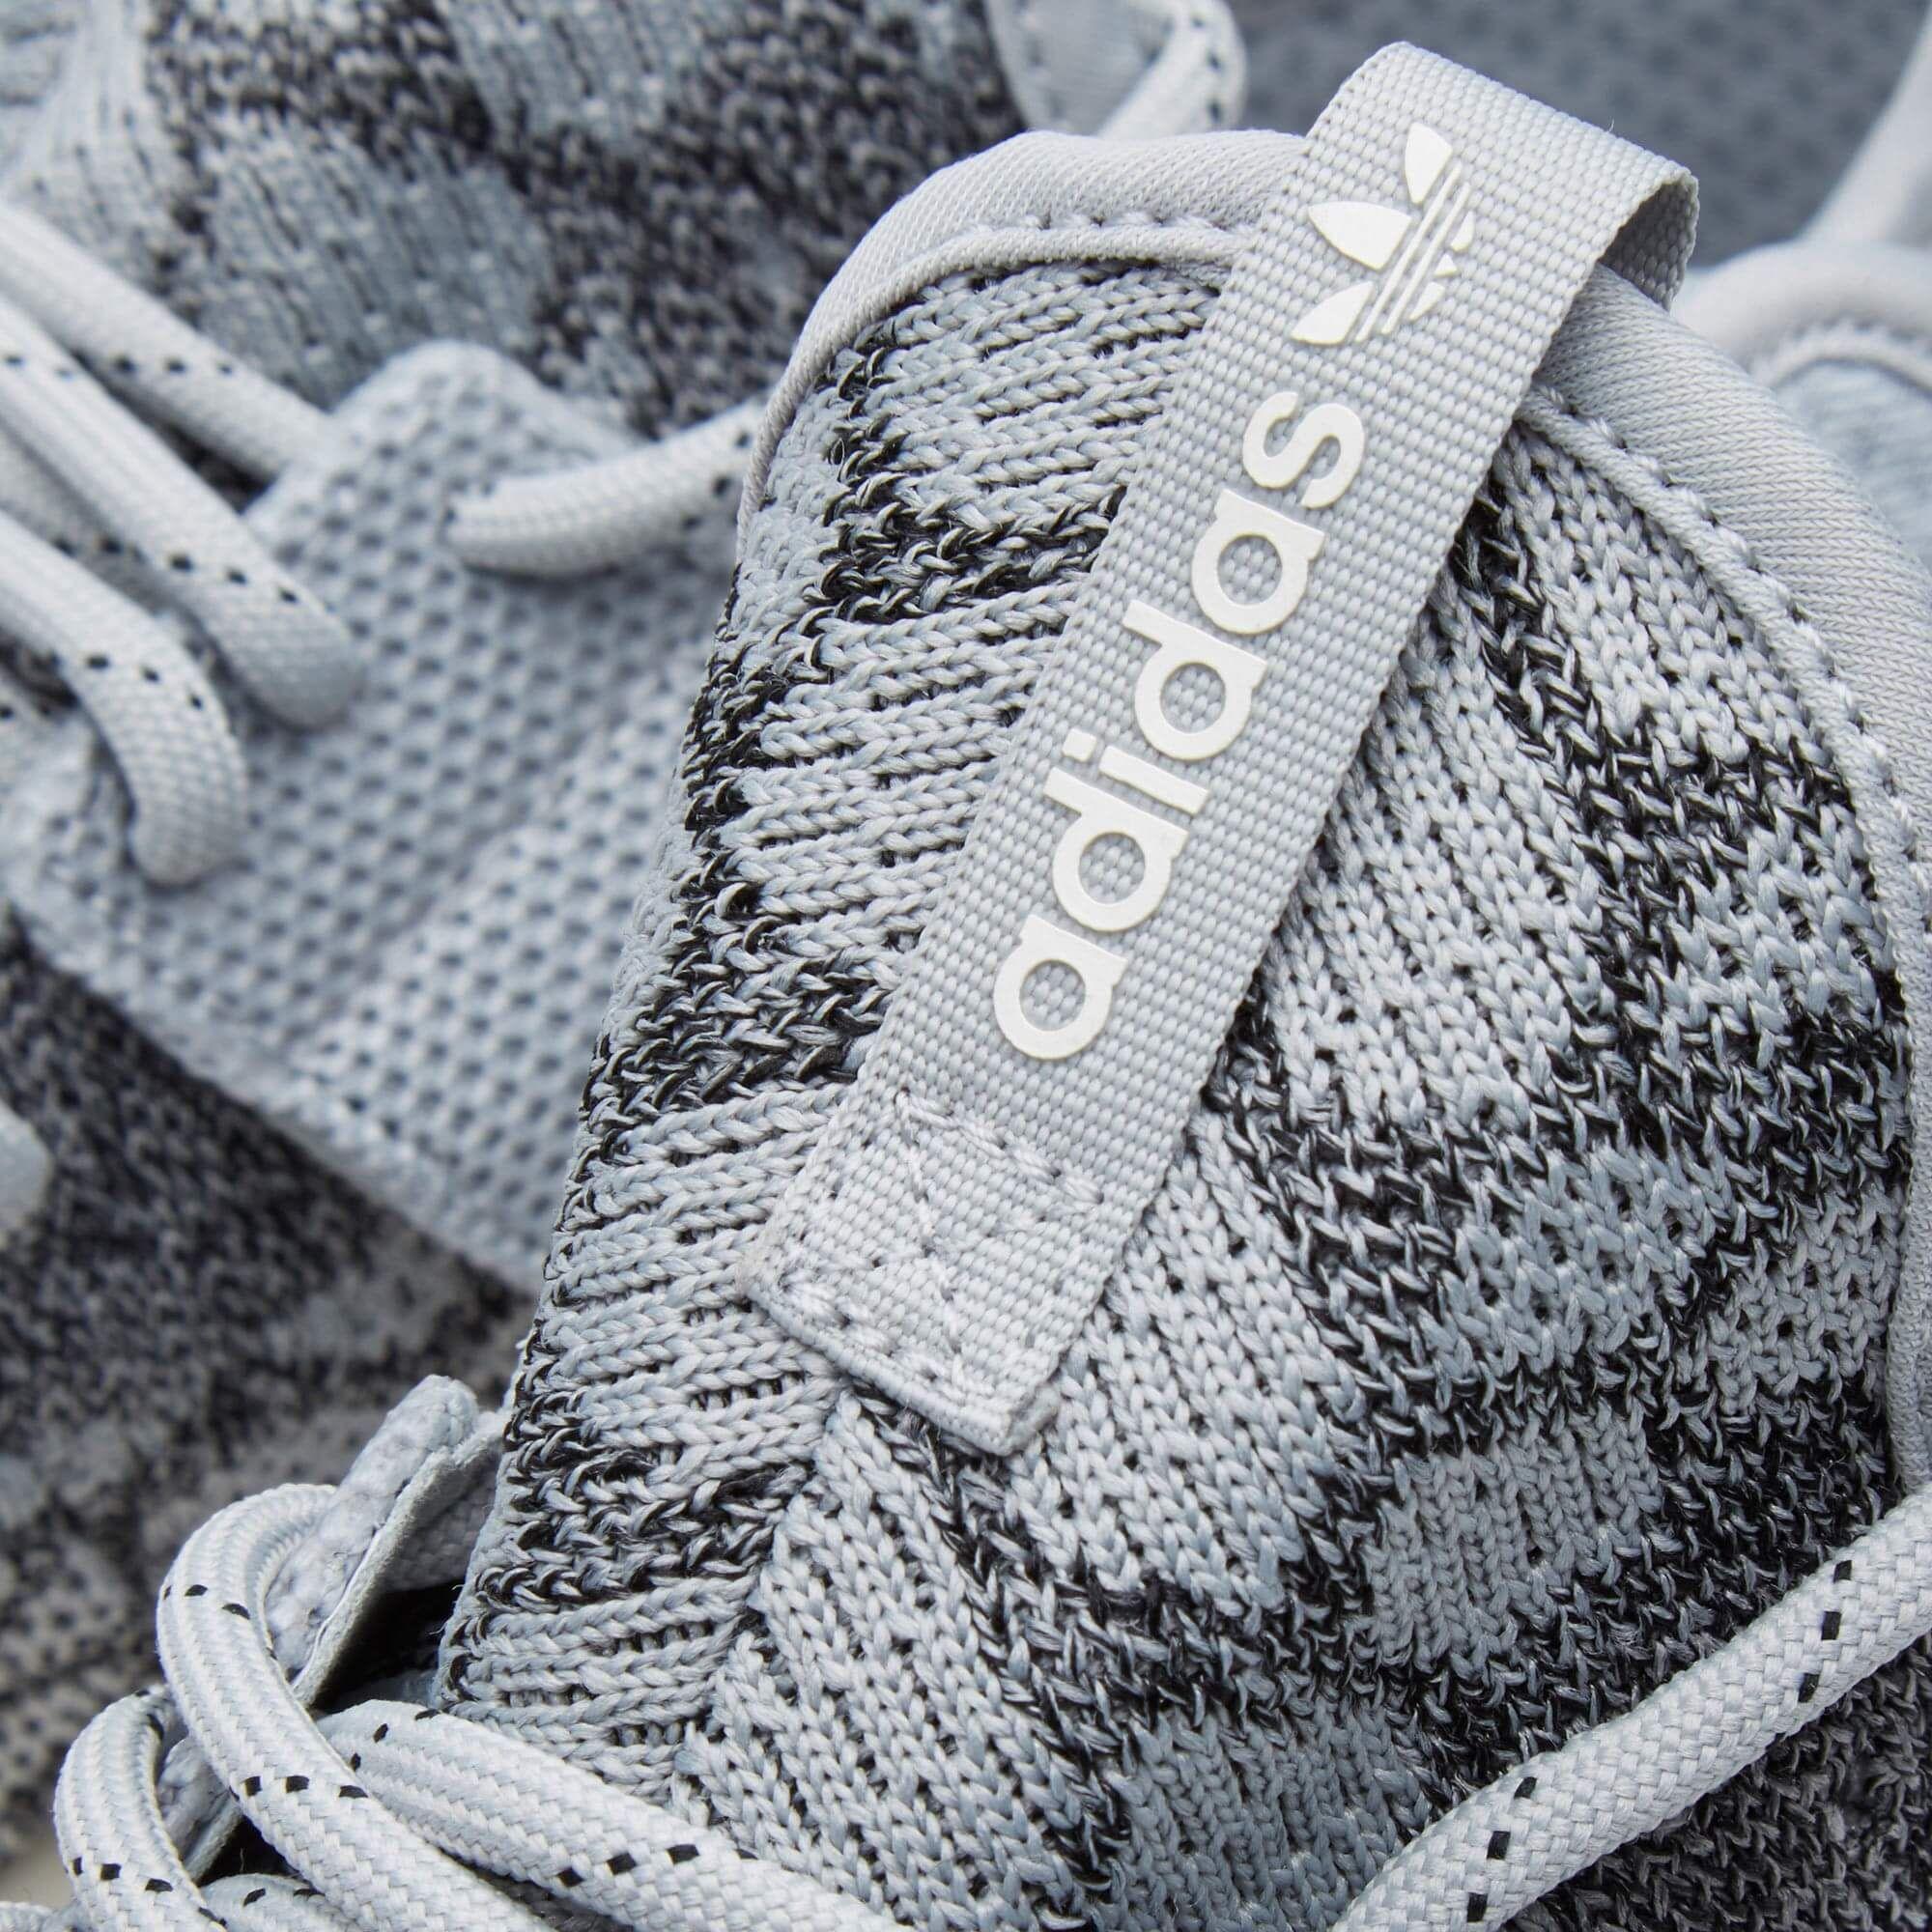 adidas Tubular Tubular adidas Primeknit Stone | Adidas tubular runner, Tubular 466f13